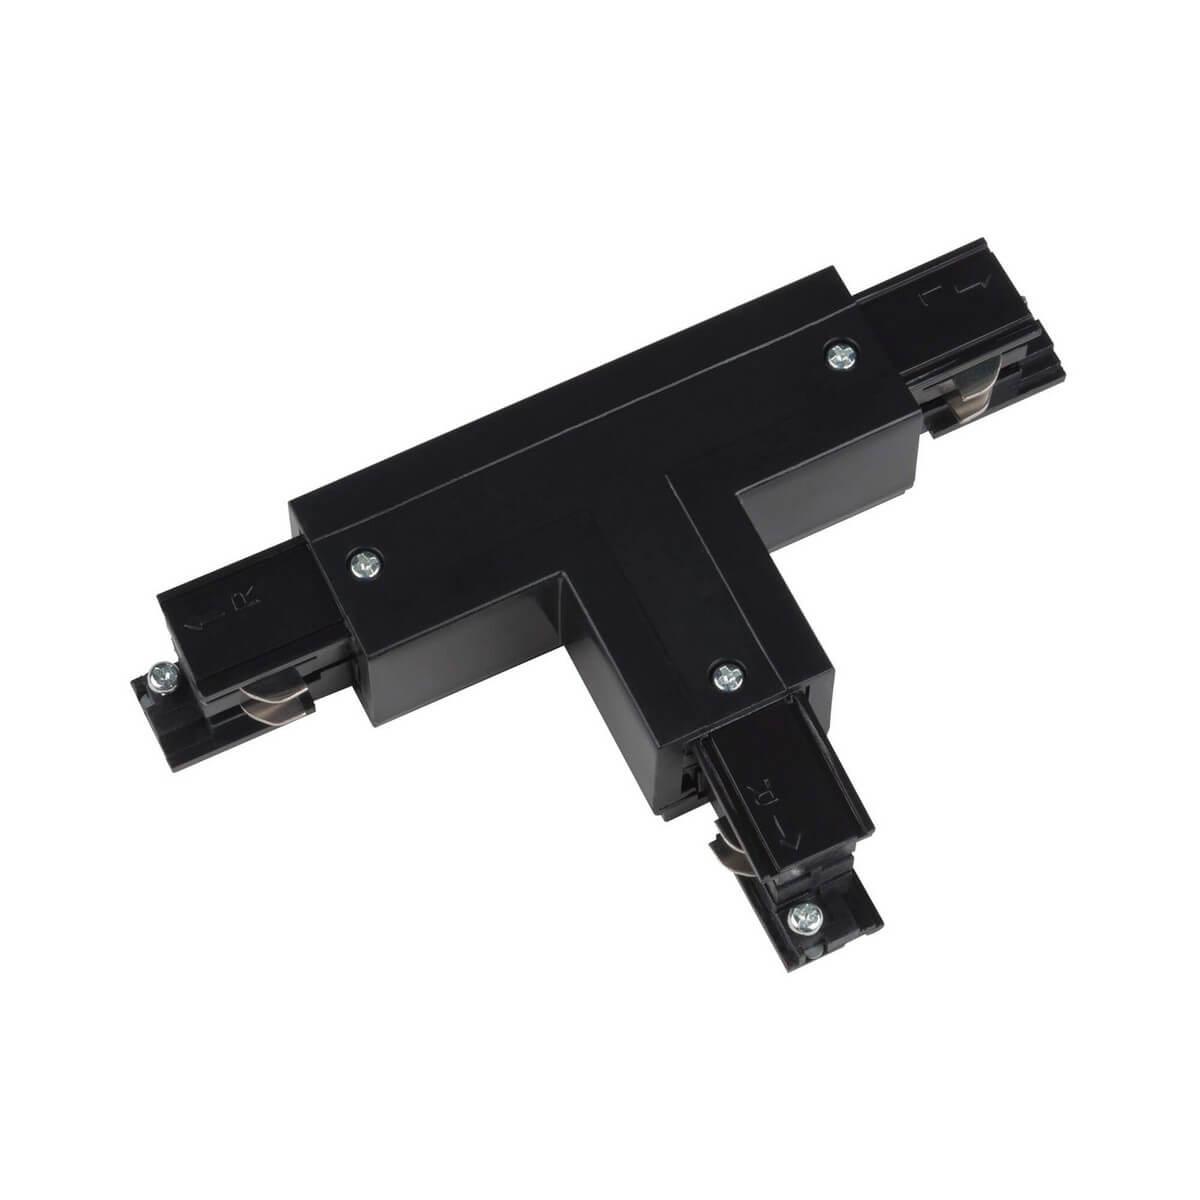 Соединитель Uniel UBX-A31 Black UBX-A31 соединитель для шинопроводов т образный правый внешний uniel ubx a31 black